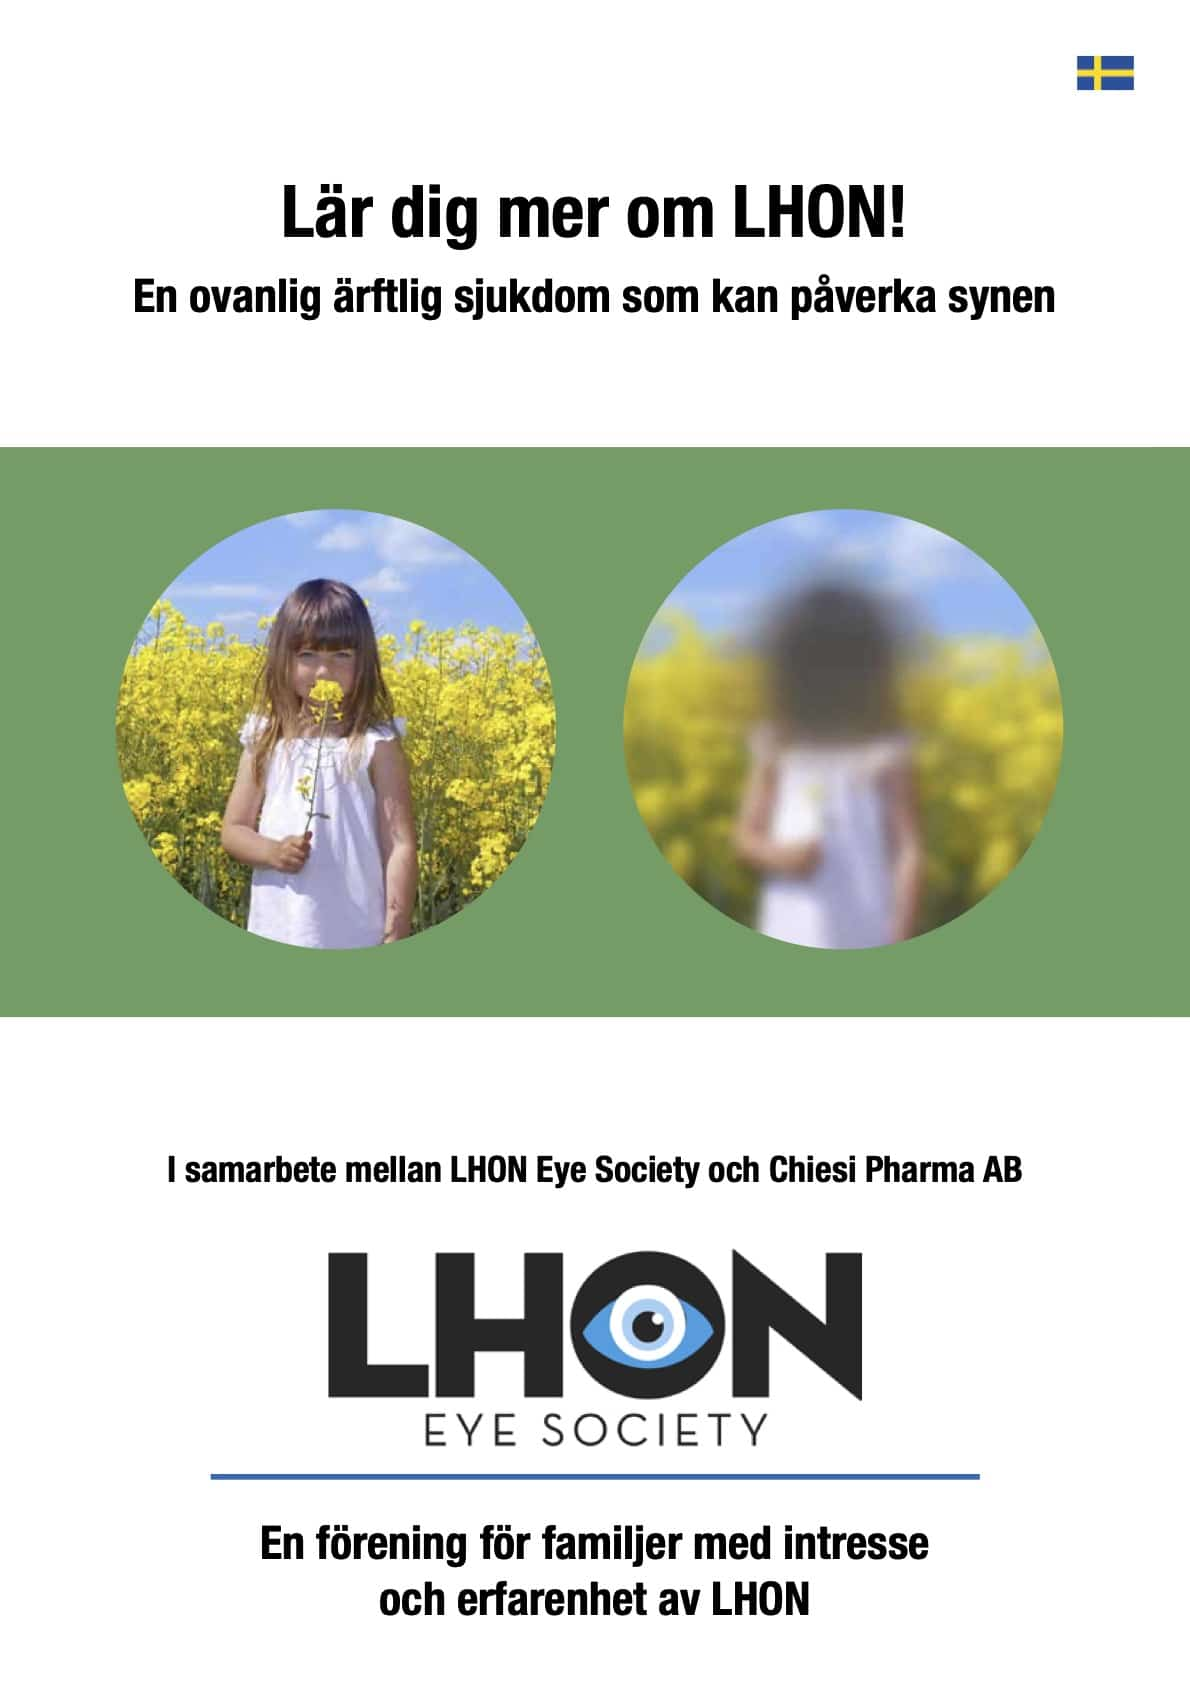 Omslag på broschyr från LHON Eye Society. En flicka syns i två olika cirklar, en cirkel är suddig i mitten och en är skarp.